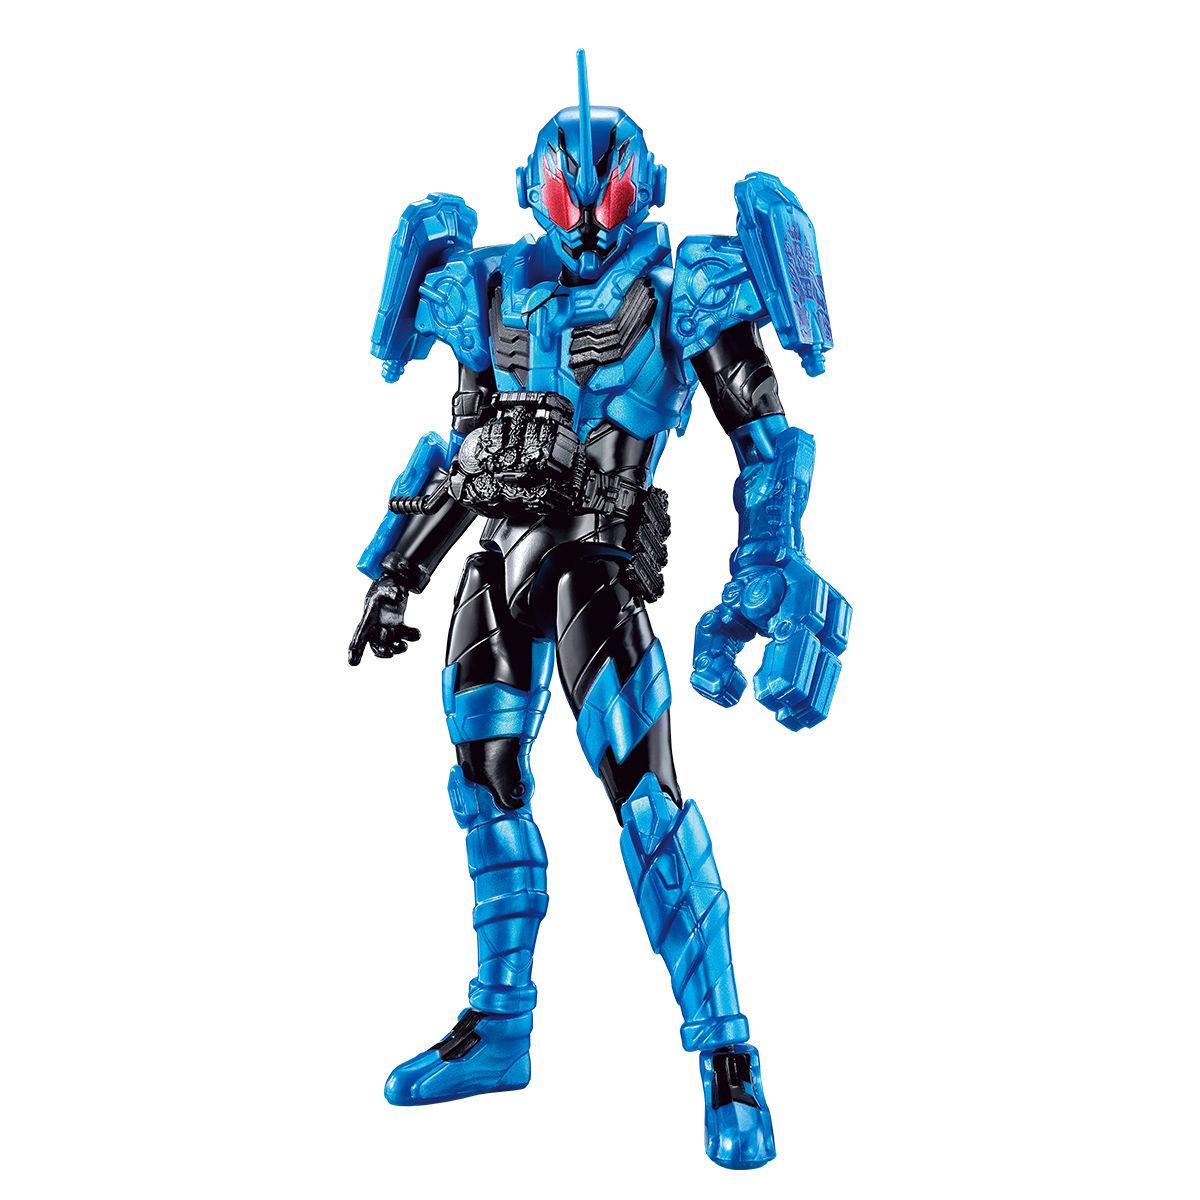 RKFレジェンドライダーシリーズ『仮面ライダーグリスブリザード』可動フィギュア-001